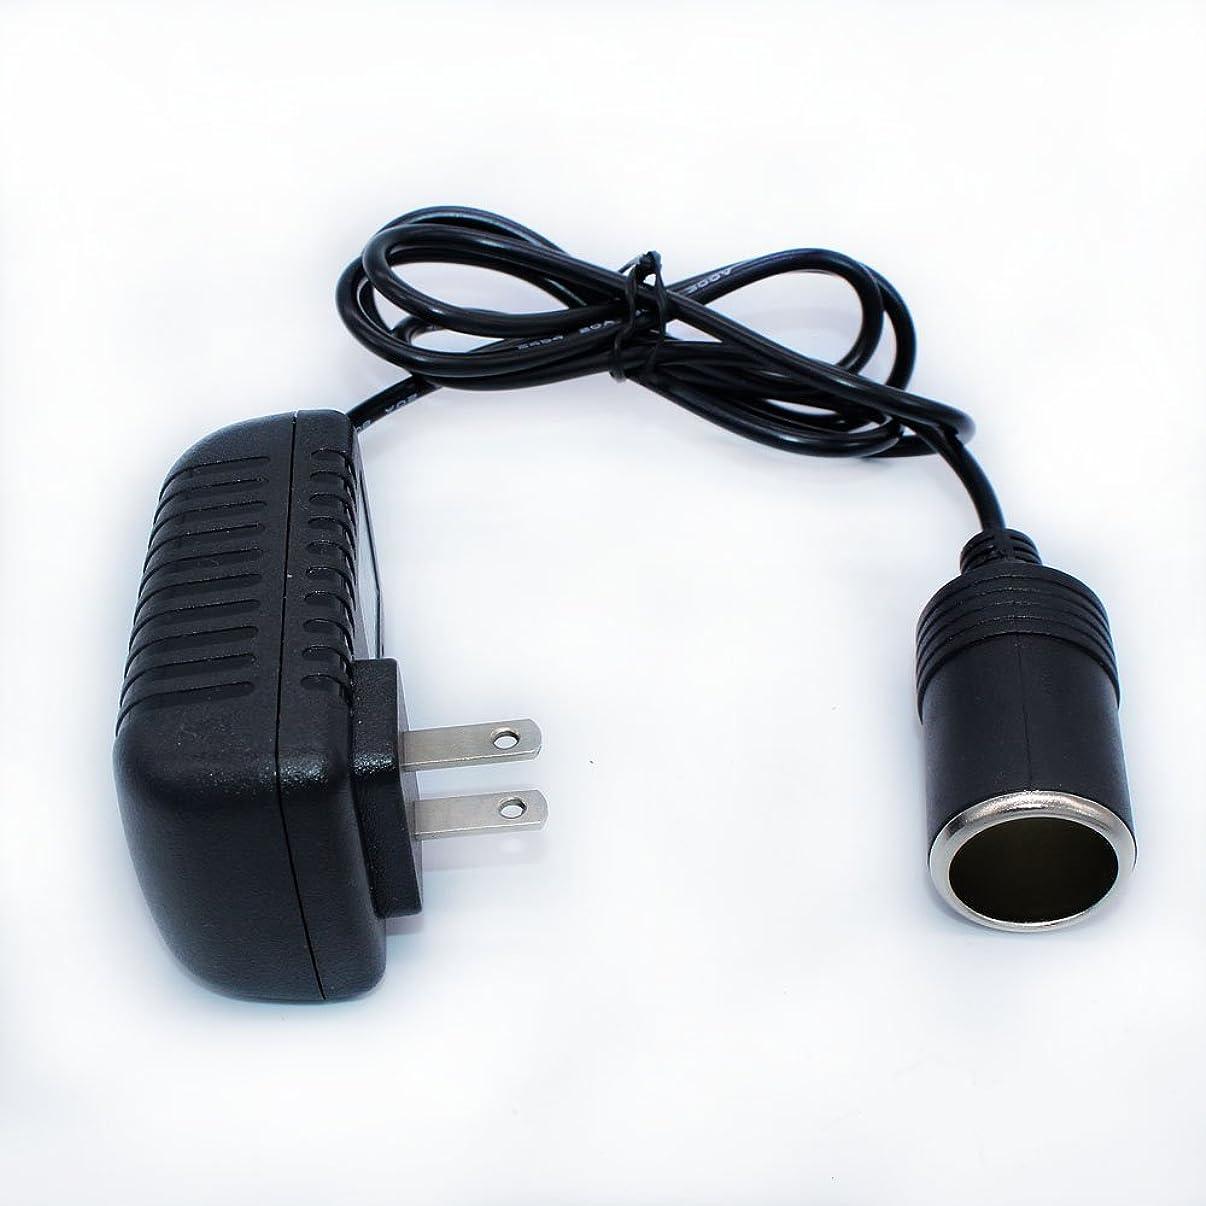 前任者含意手入れDAMAY AC-DCアダプター AC100VからDC12V/2Aコンバータ 車用品家庭で使える超静音 低発熱2Aまで変換アダプター出力24W未満の車載電気製品対応 PSE認証済 12ケ月品質保証 日本語説明書付